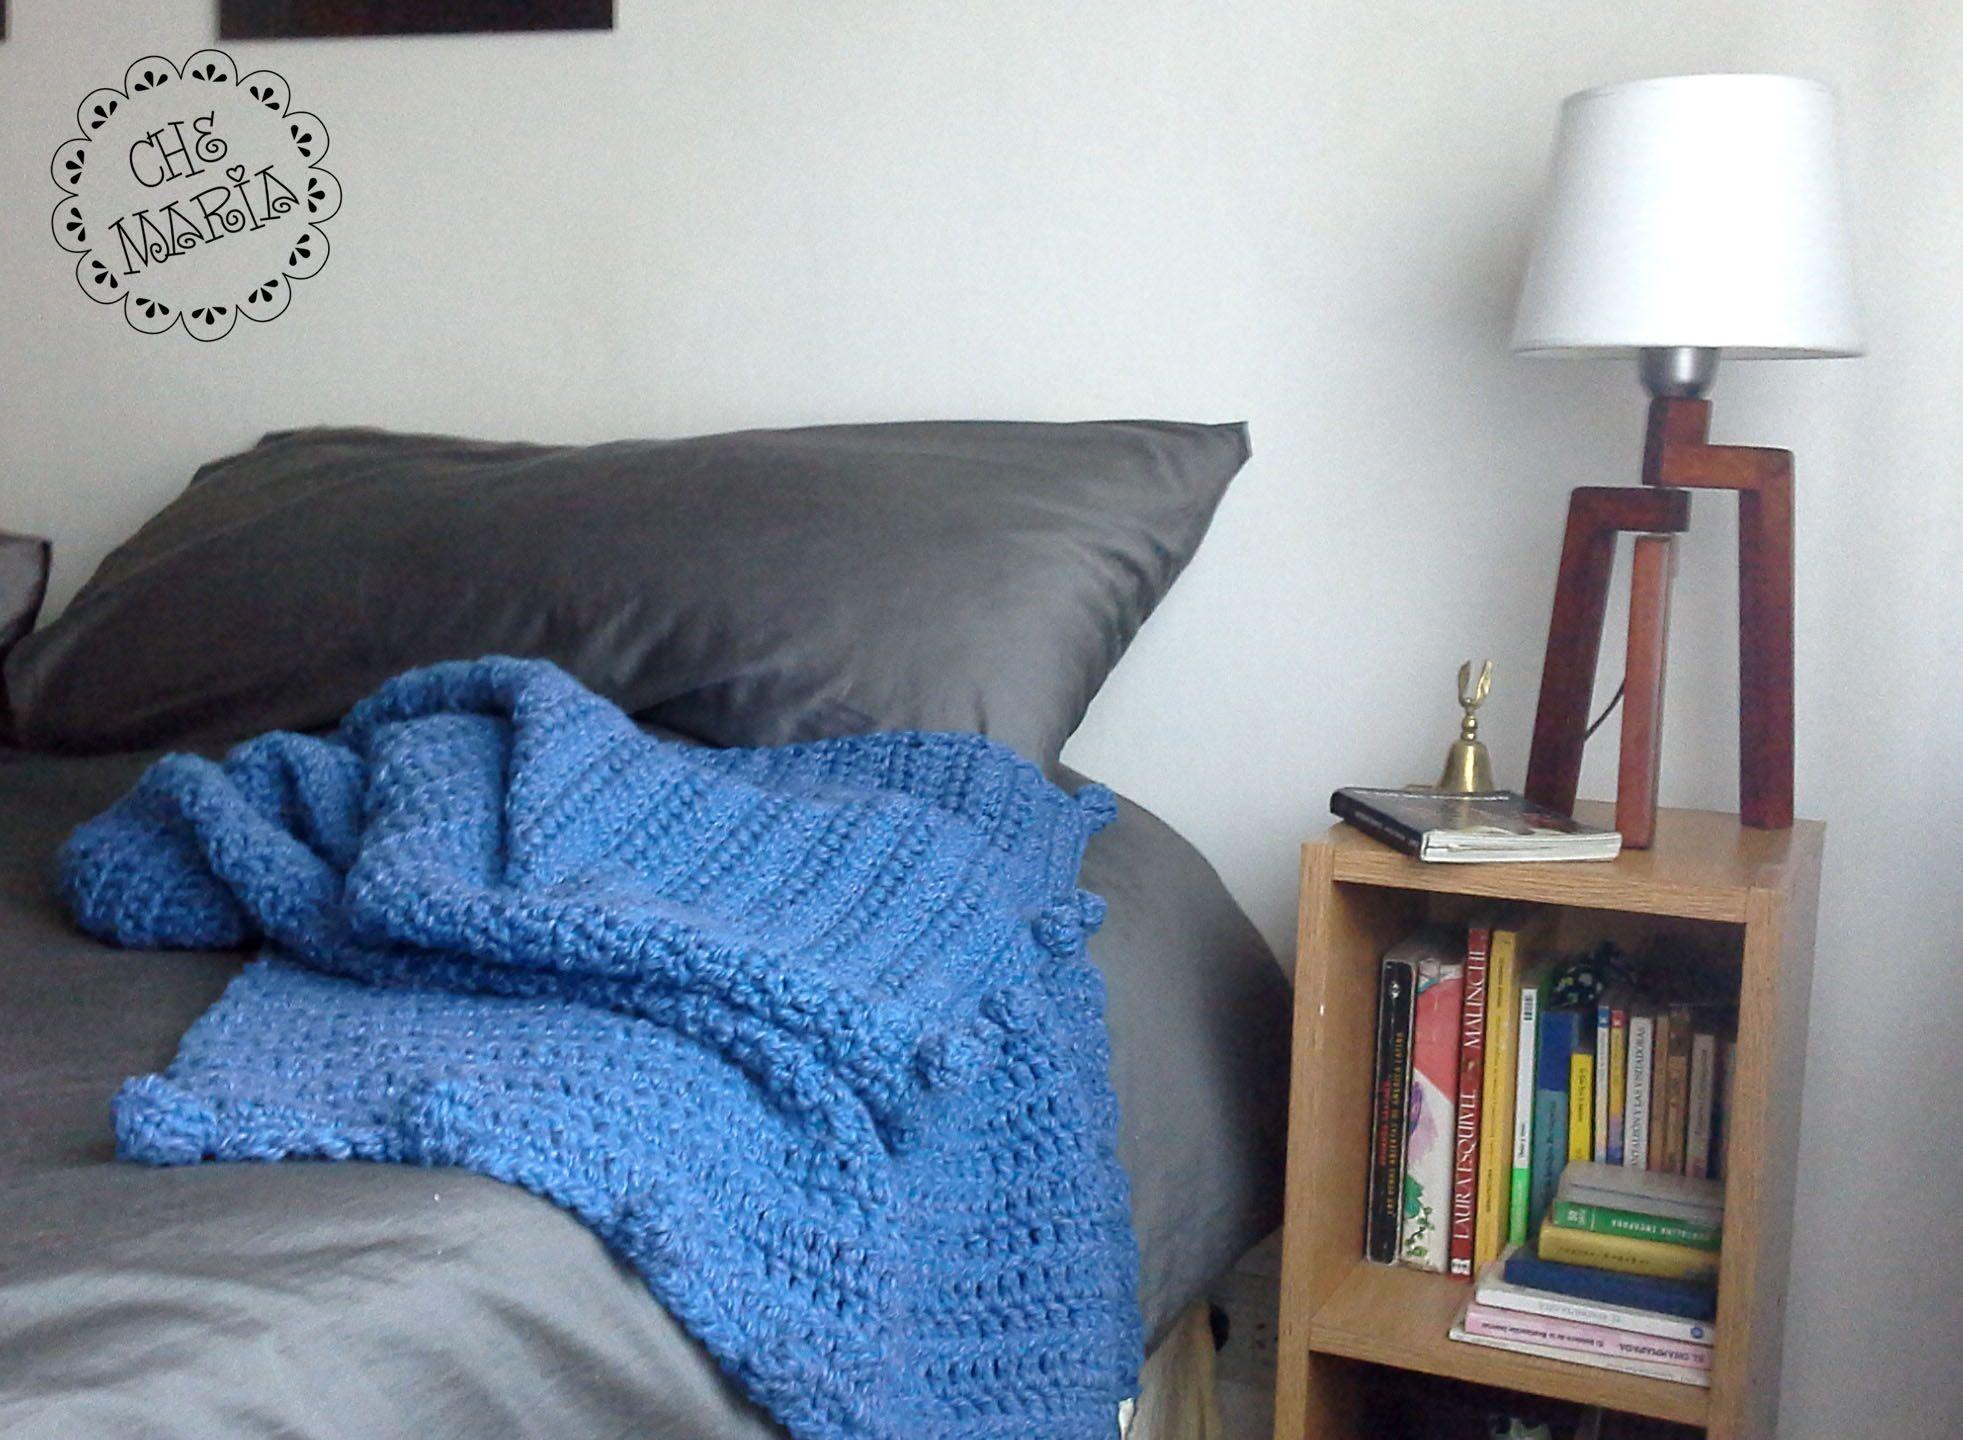 Pié de Cama Pompón en azul. Tejido a mano en crochet con hilados de algodón.